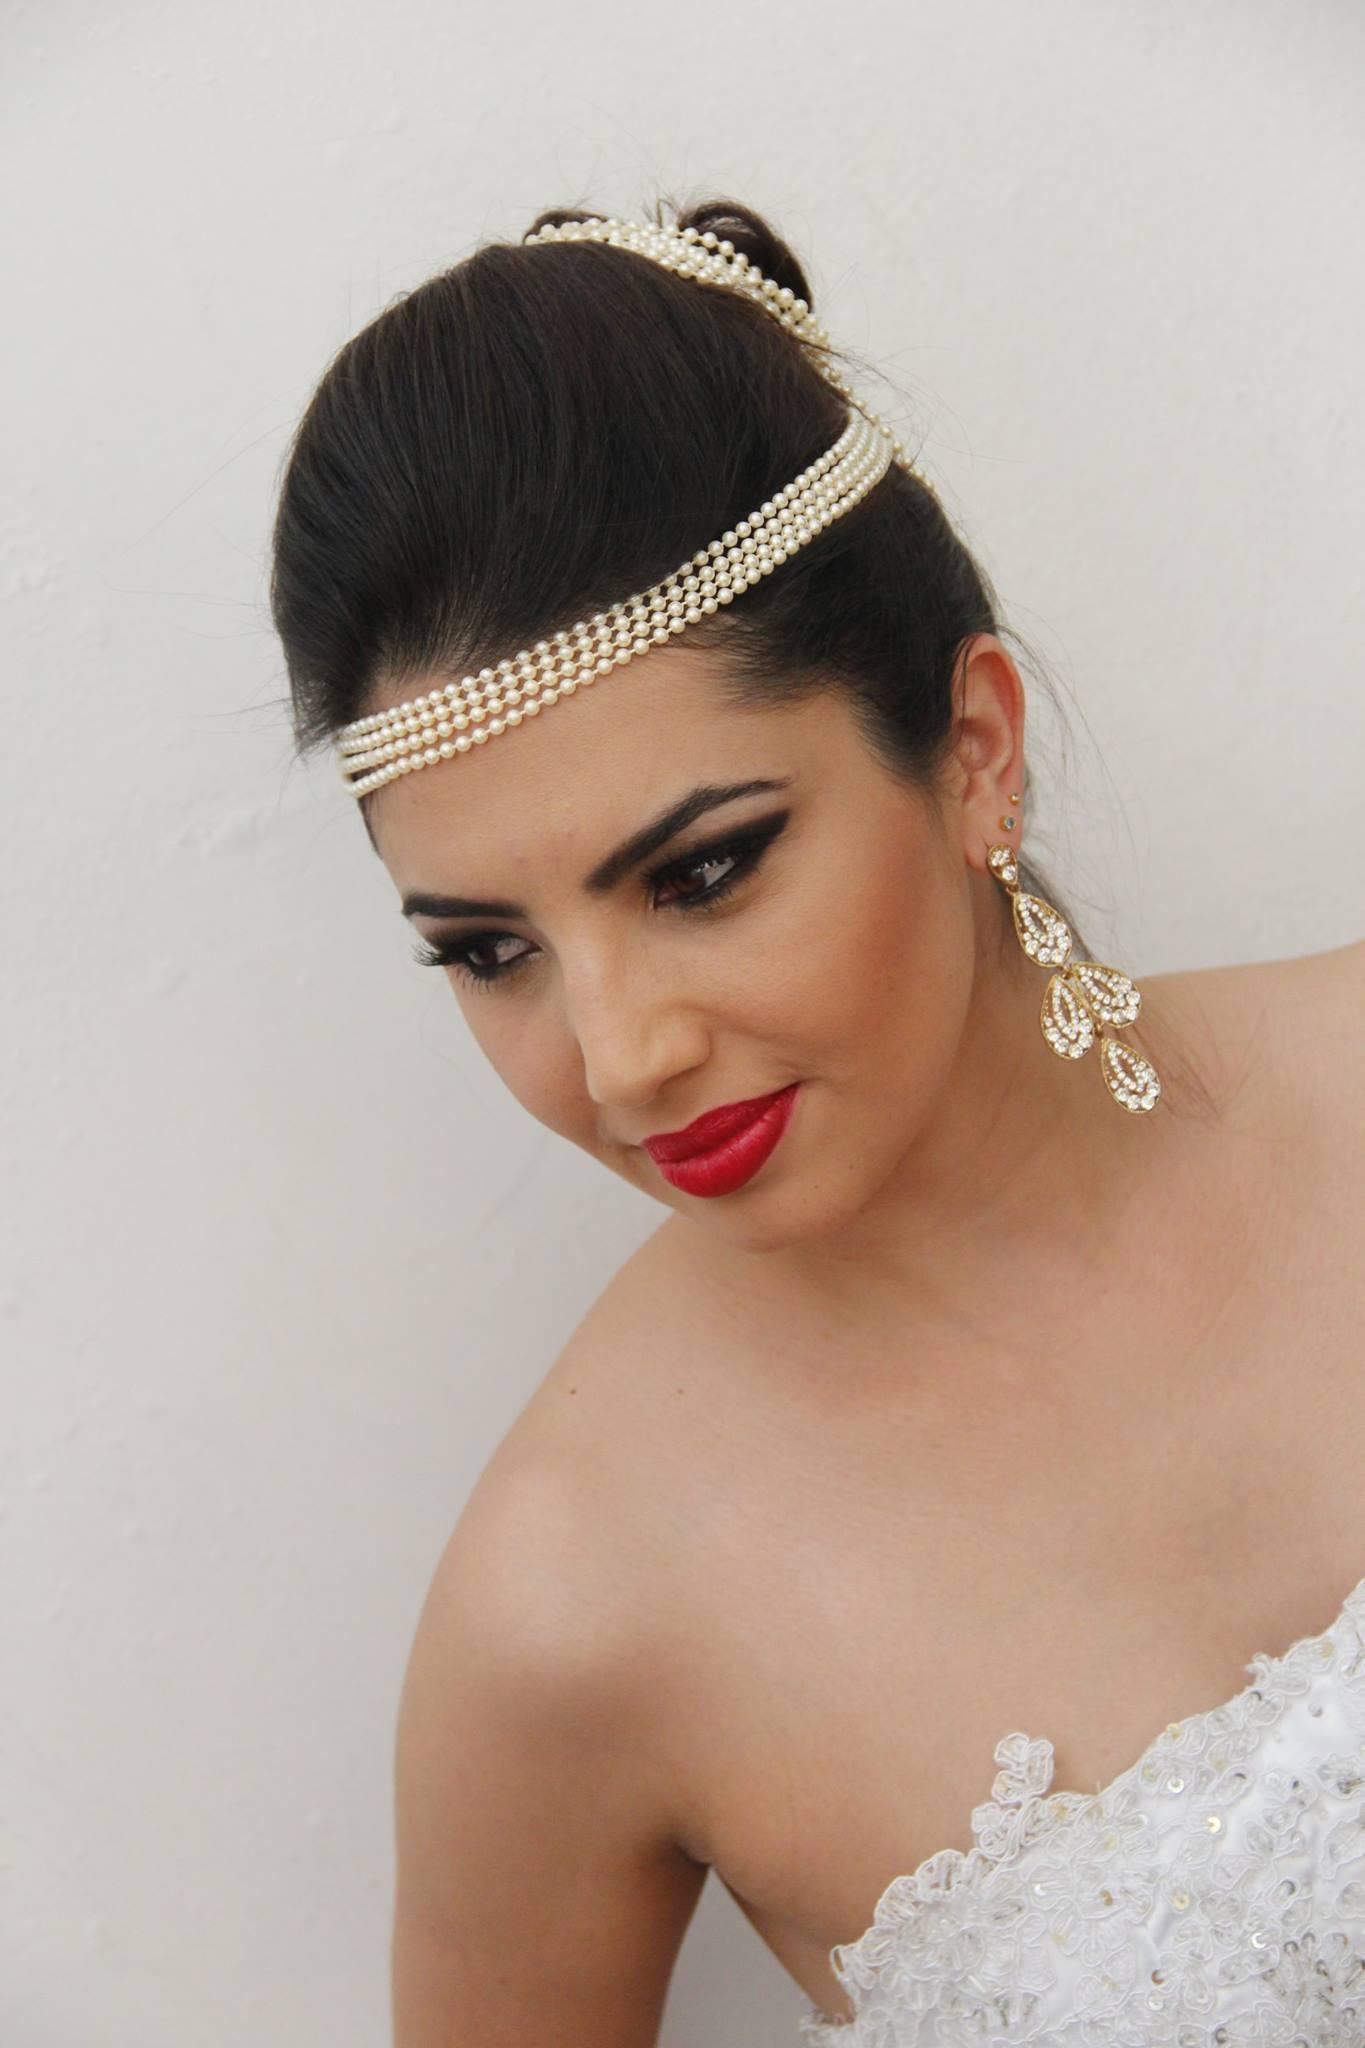 Noiva Ousada cabelo maquiagem  designer de sobrancelhas maquiador(a) consultor(a) em imagem